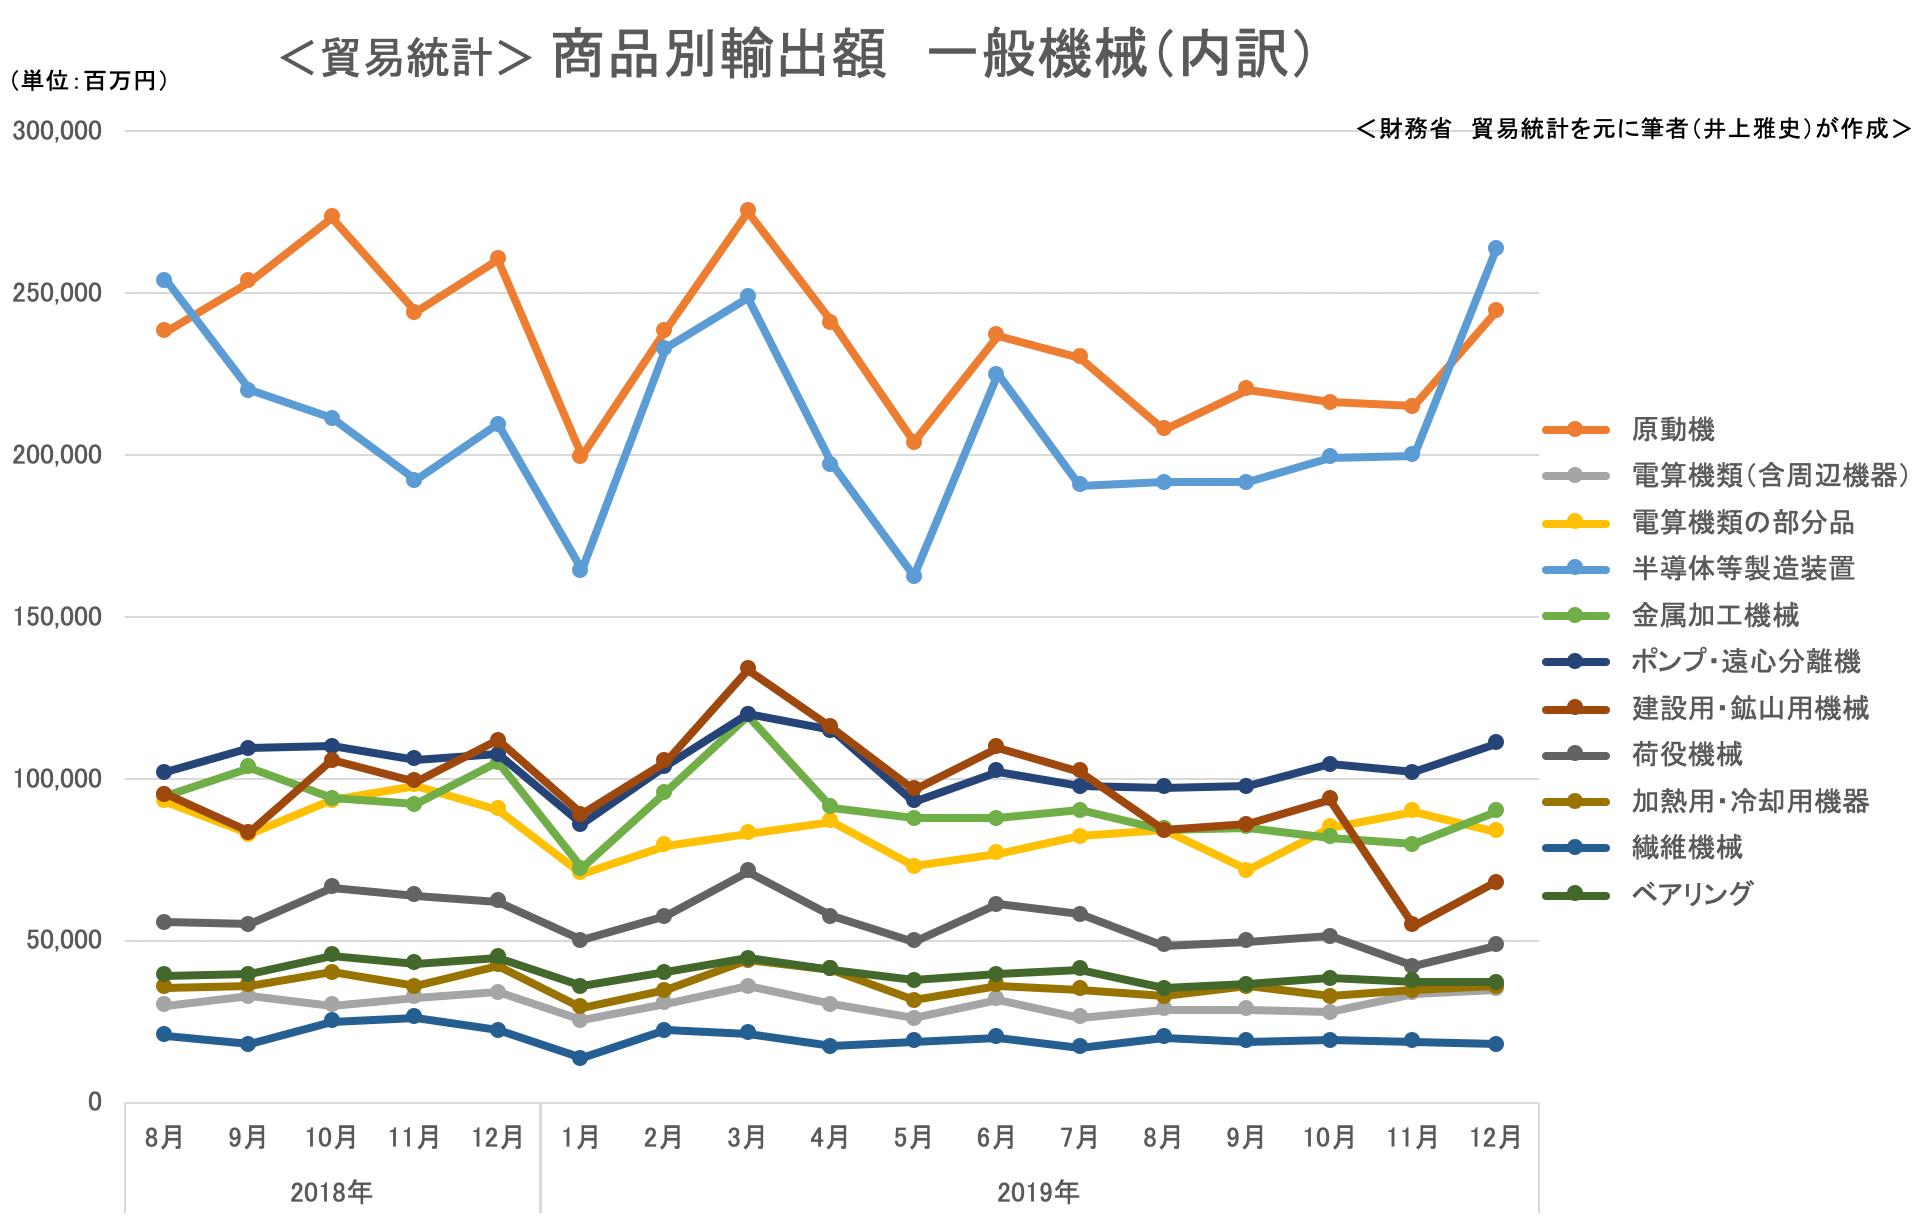 <貿易統計> 商品別輸出額 一般機械(内訳)